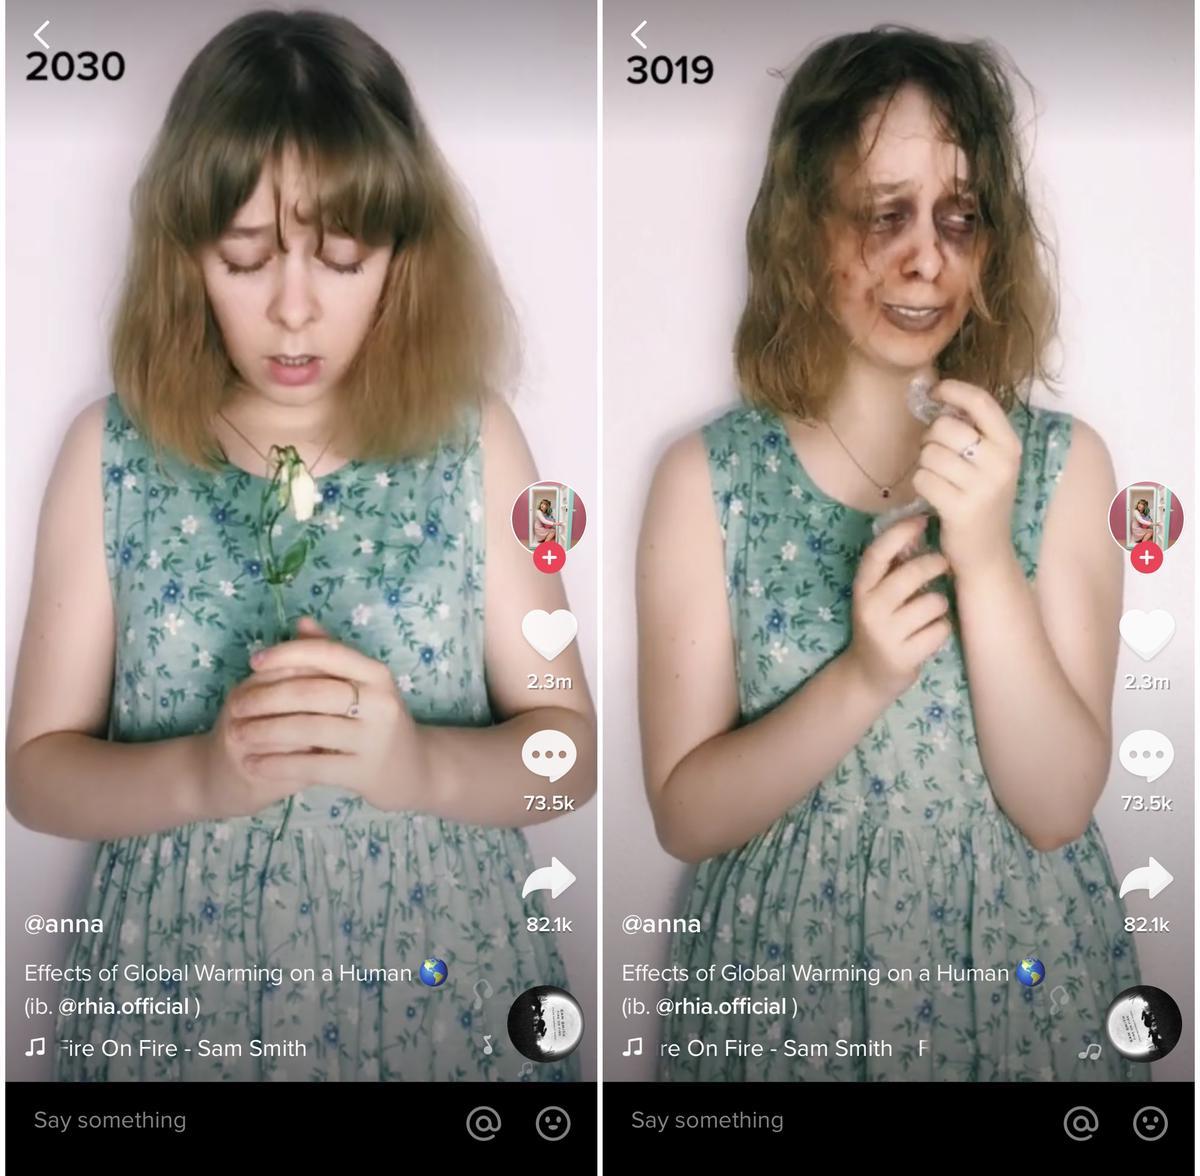 英国姑娘用TikTok拍下全球变暖后果,吓坏网友,却让BBC点赞